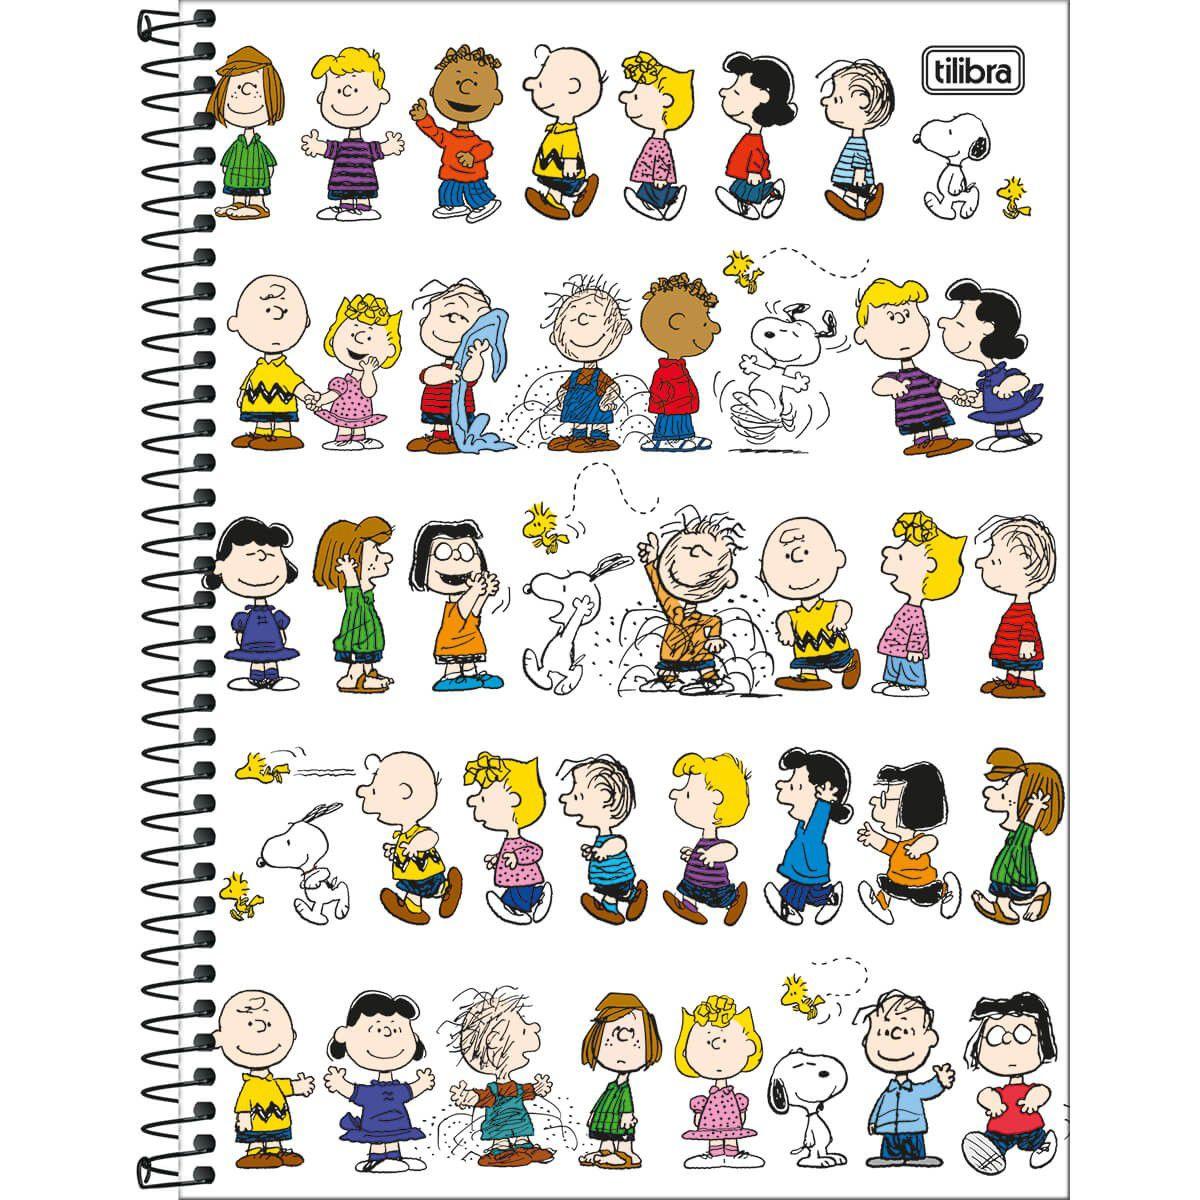 Caderno Tilibra Capa Dura Universitário Snoopy 10M 160 Fls 308242 27817